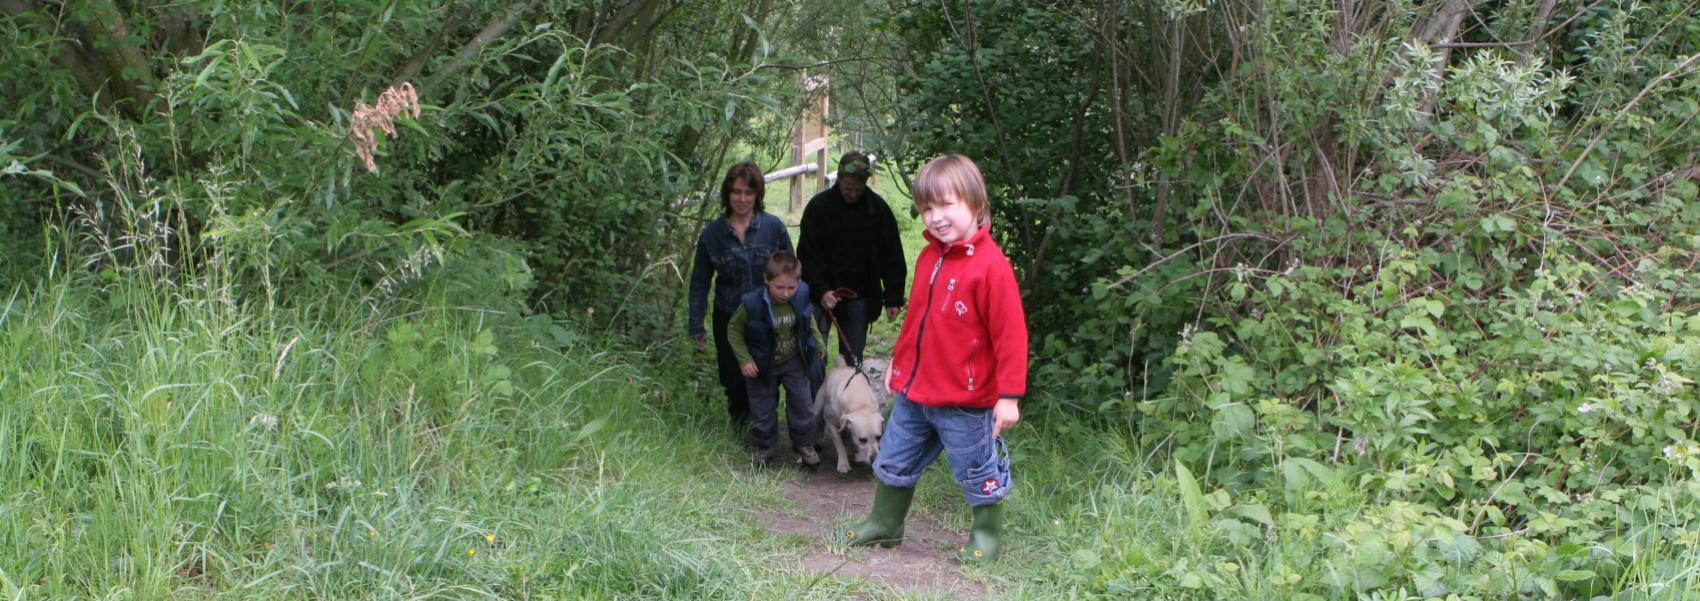 wandelaars met honden